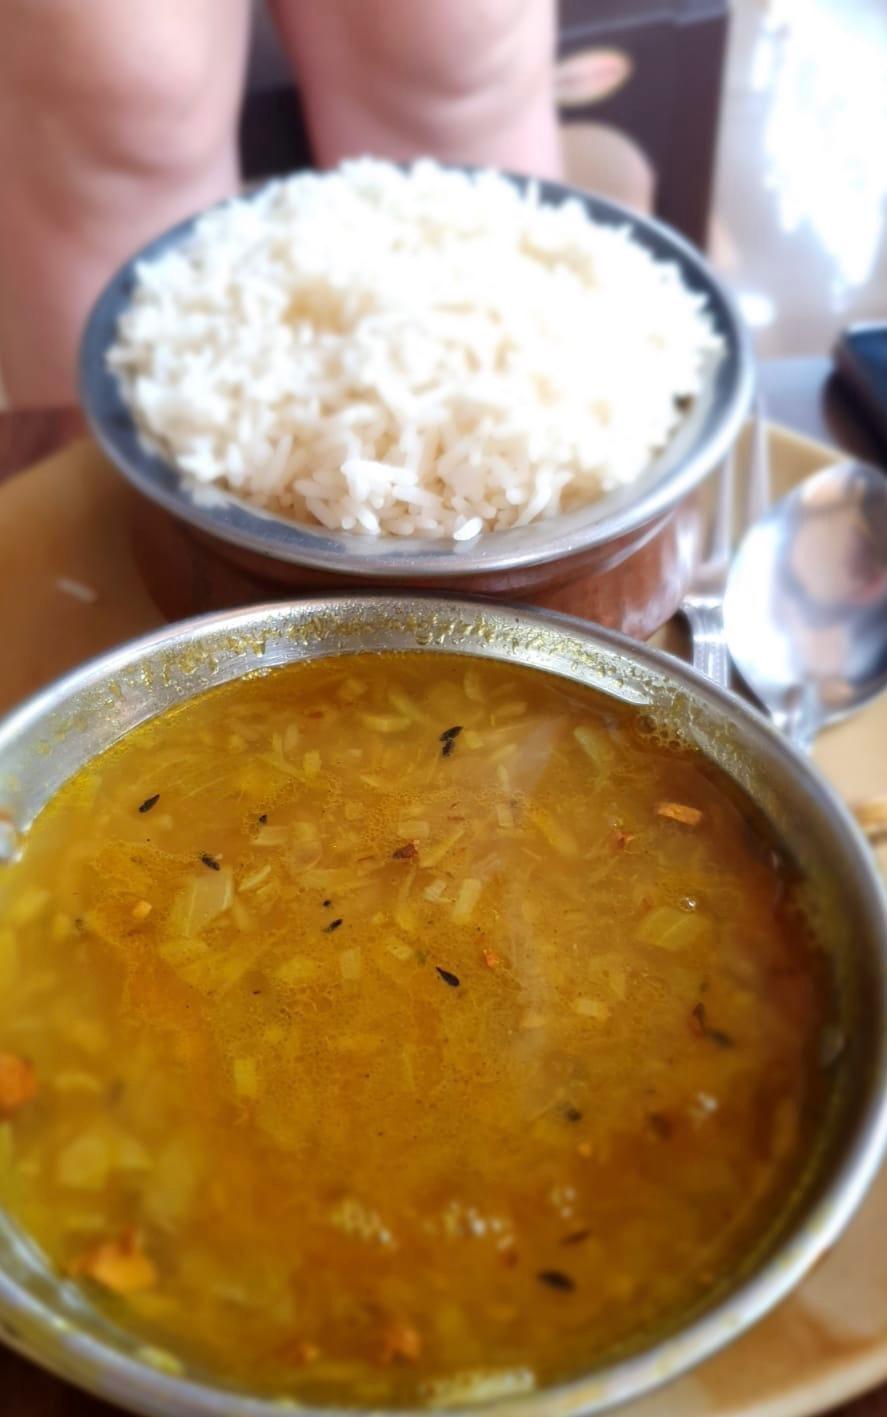 Arroz com lentilha: há cinco dias, o único alimento disponível